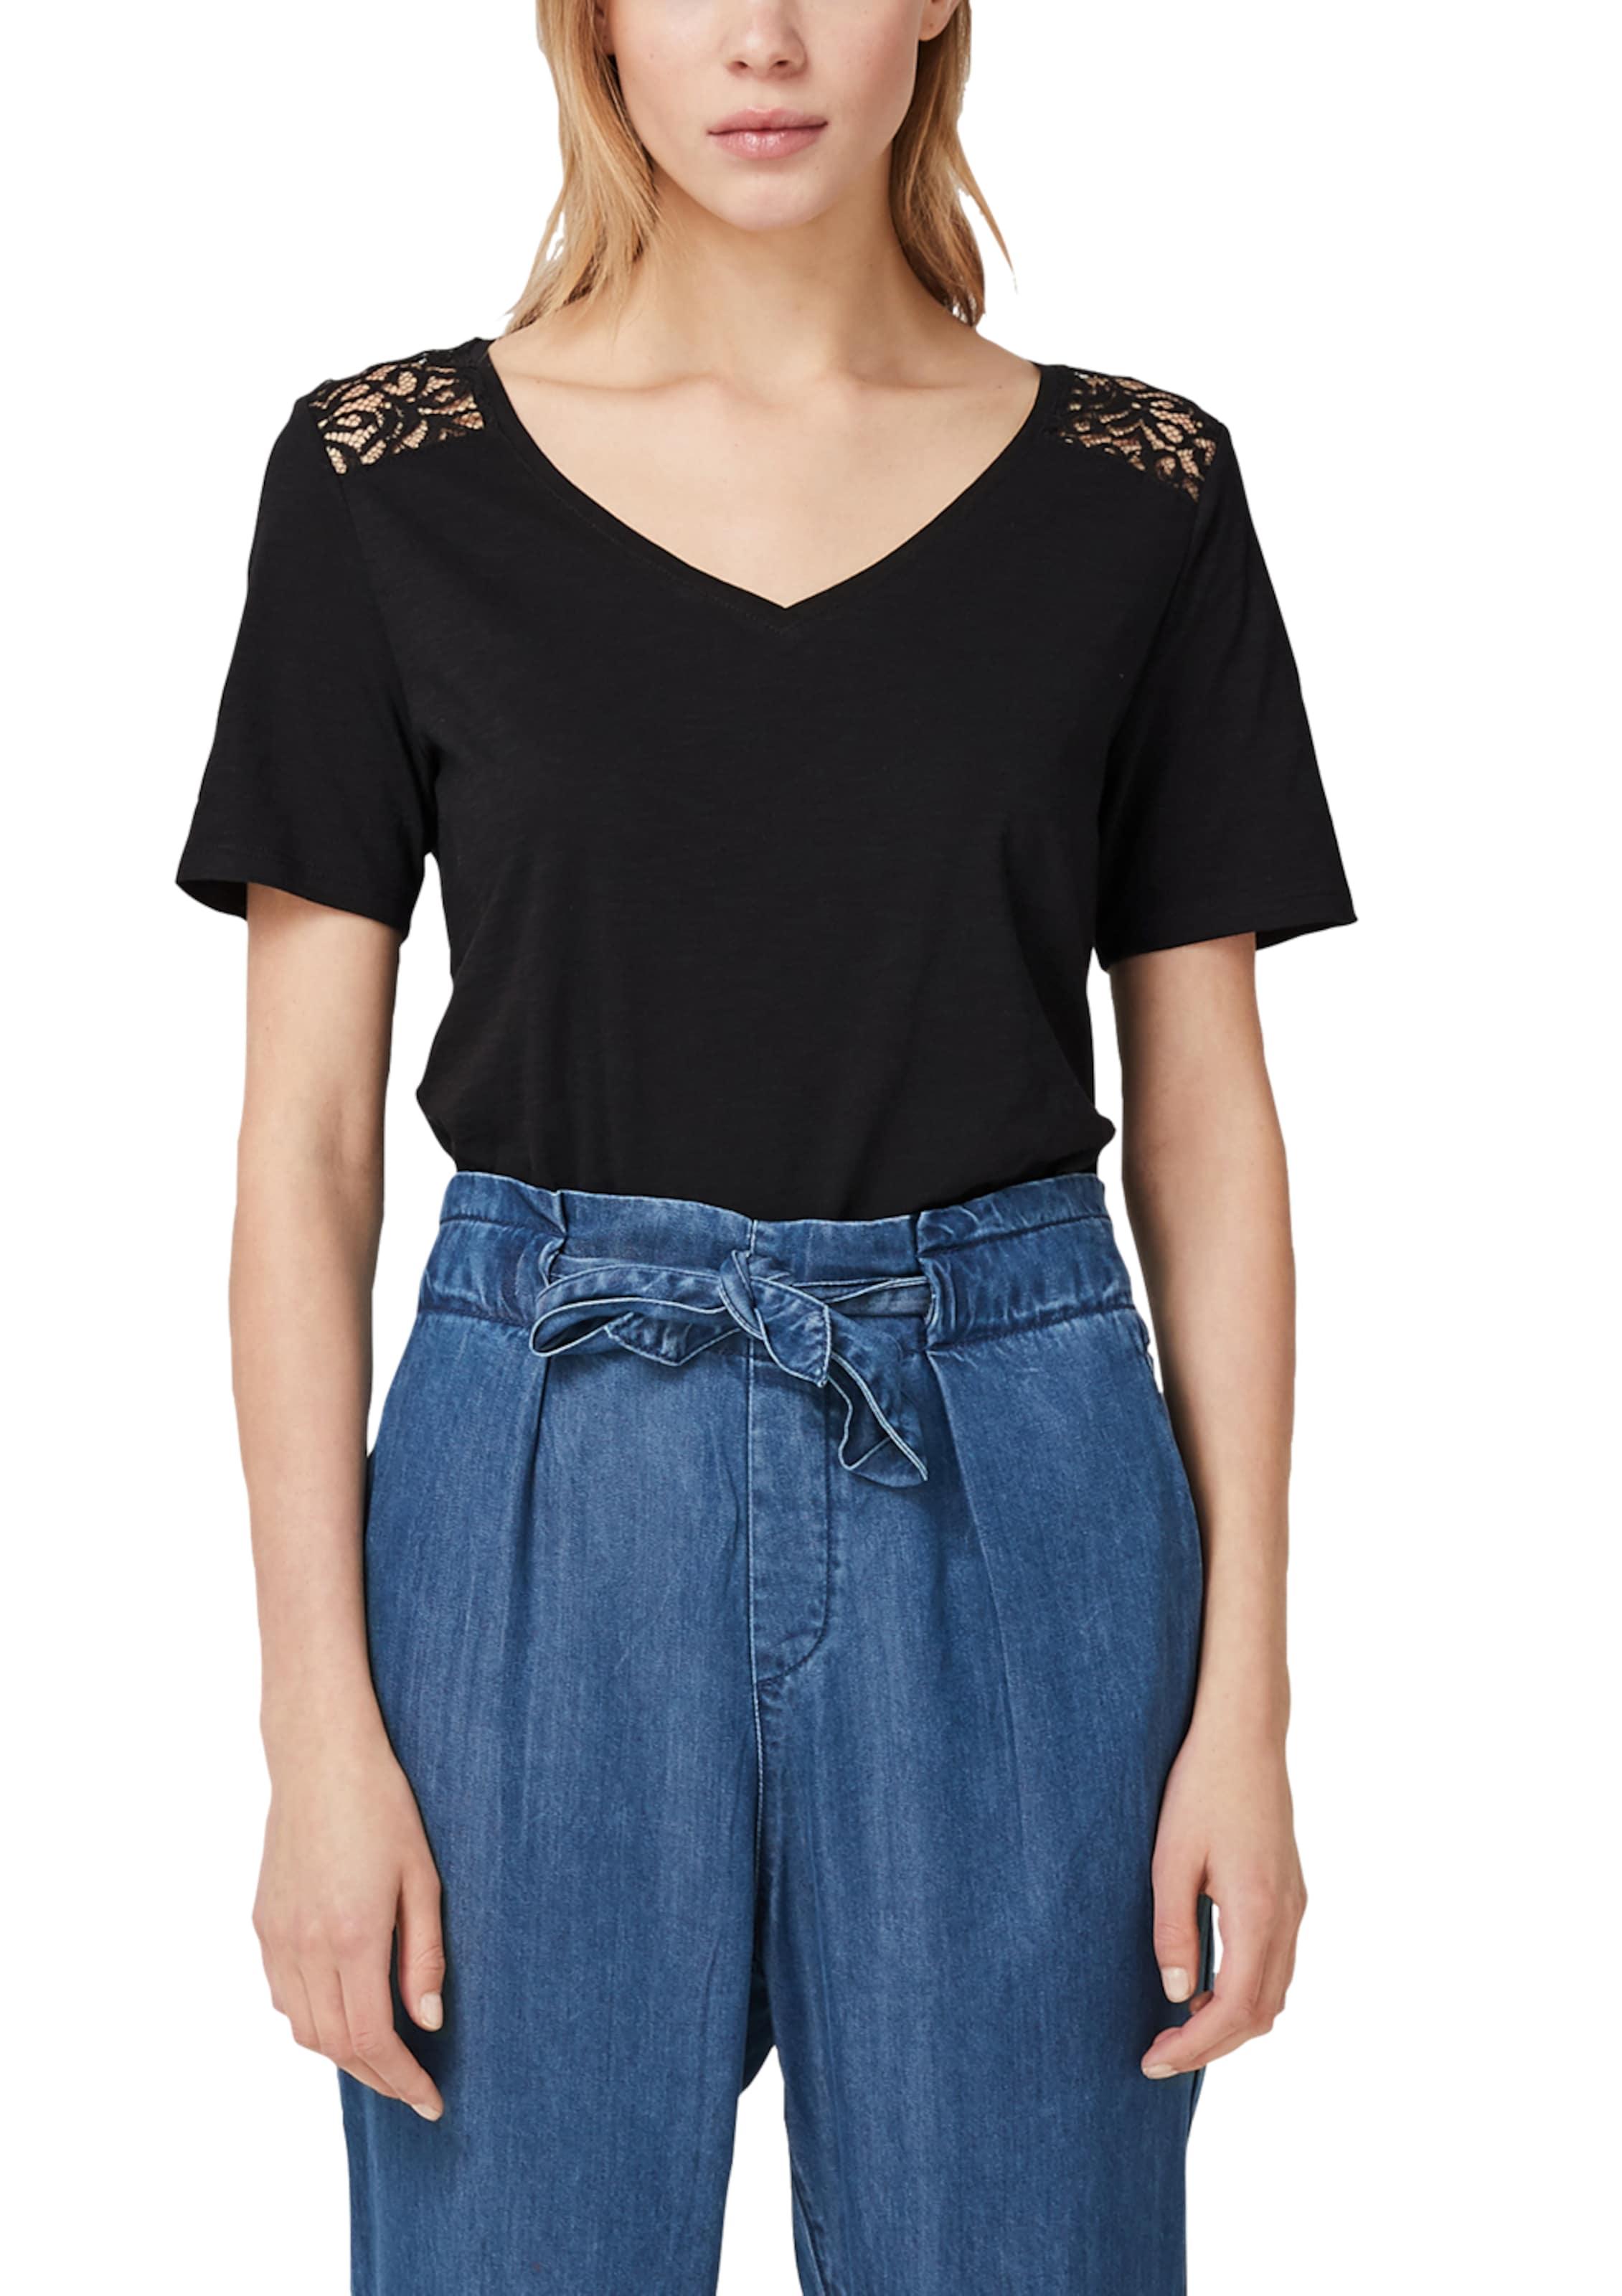 S oliver S Shirt In Schwarz oliver Shirt 5L4ARj